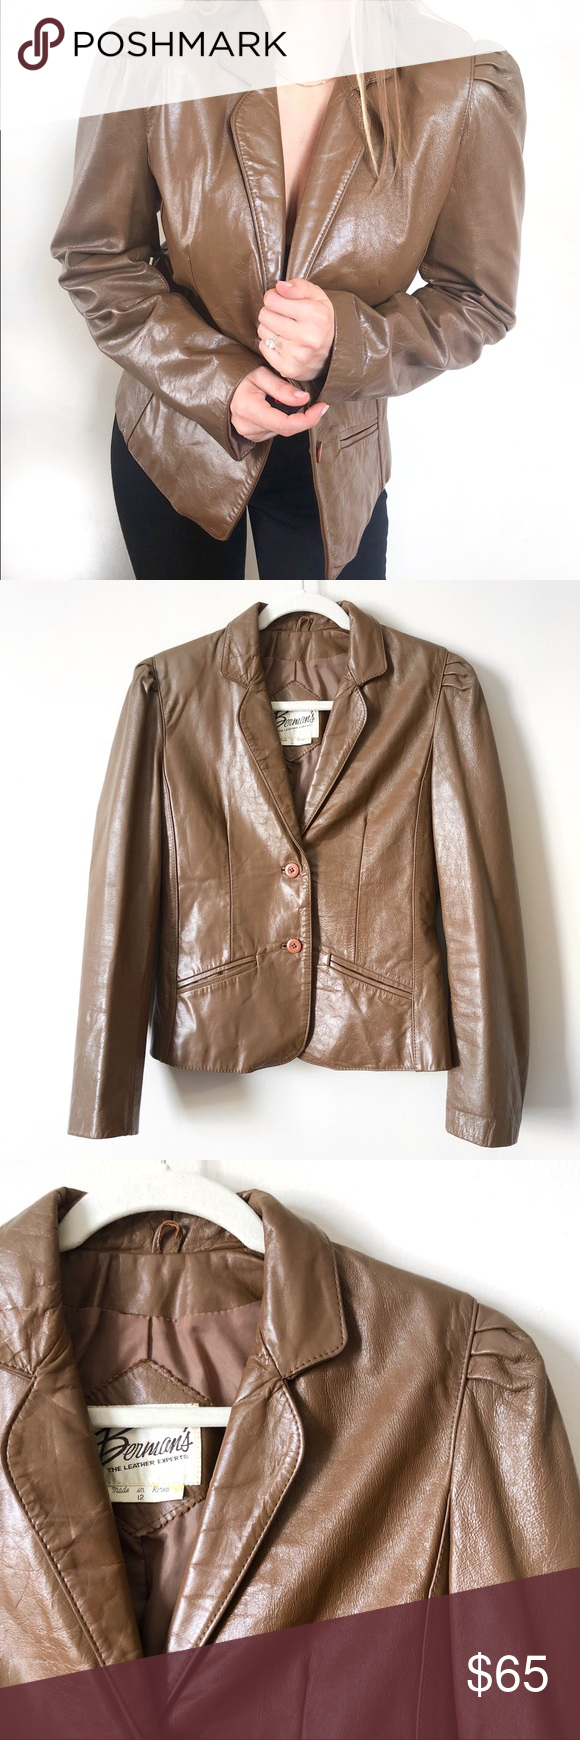 Vintage 80s Genuine 100 Leather Jacket Leather Jacket Vintage Jacket Vintage Leather Jacket